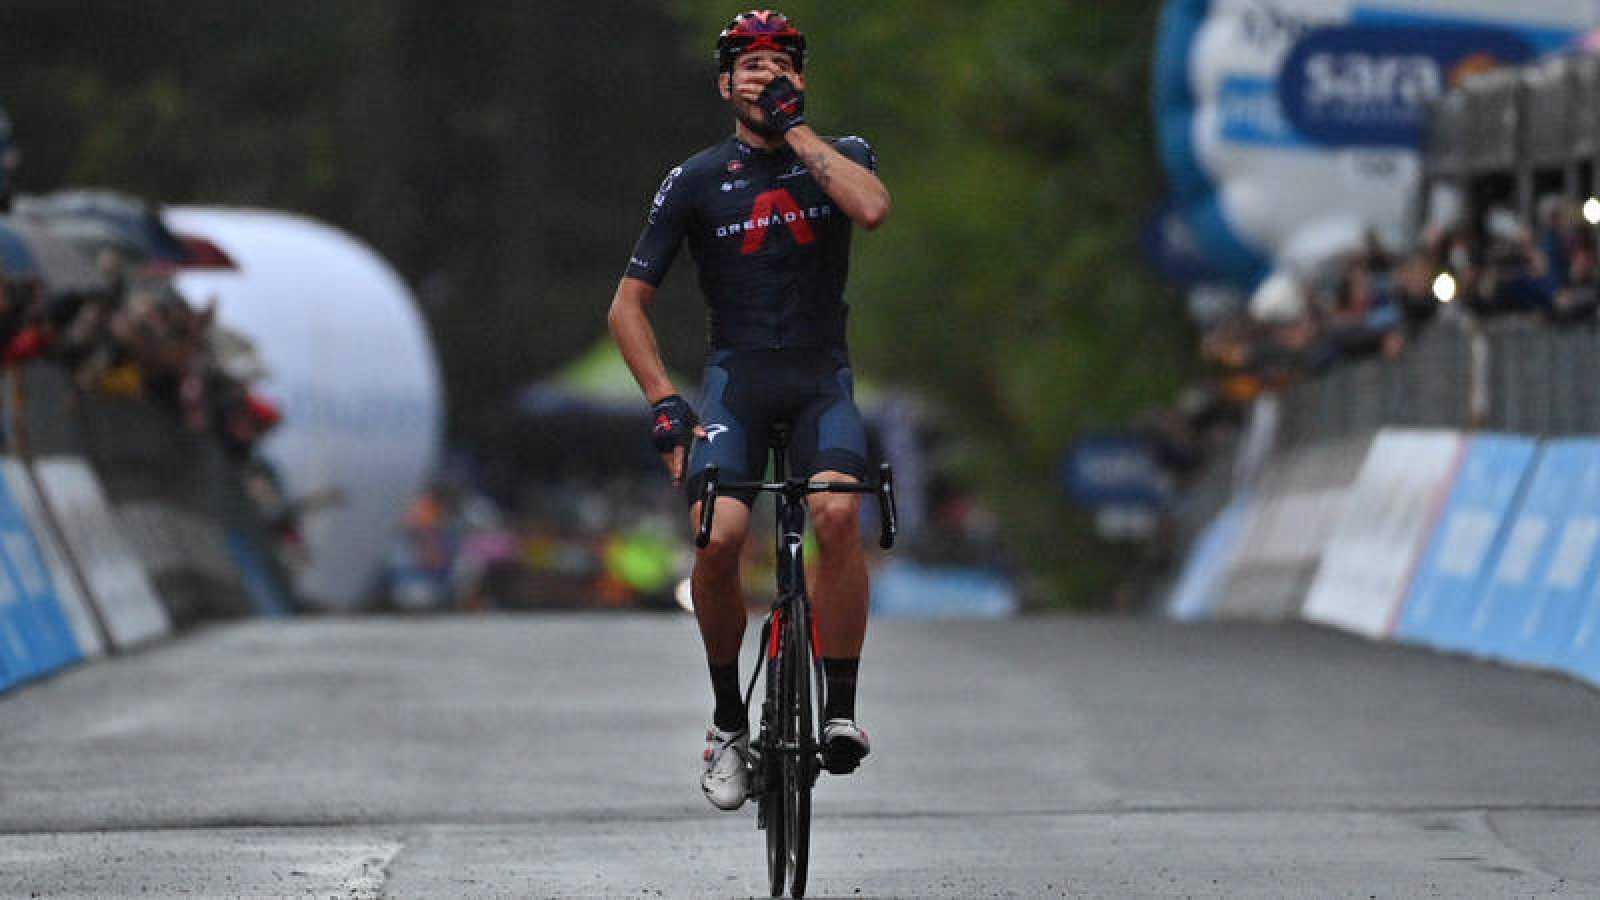 El italiano Filippo Ganna (Ineos) vence con una exhibición de fuerza la quinta etapa del Giro de Italia 2020.